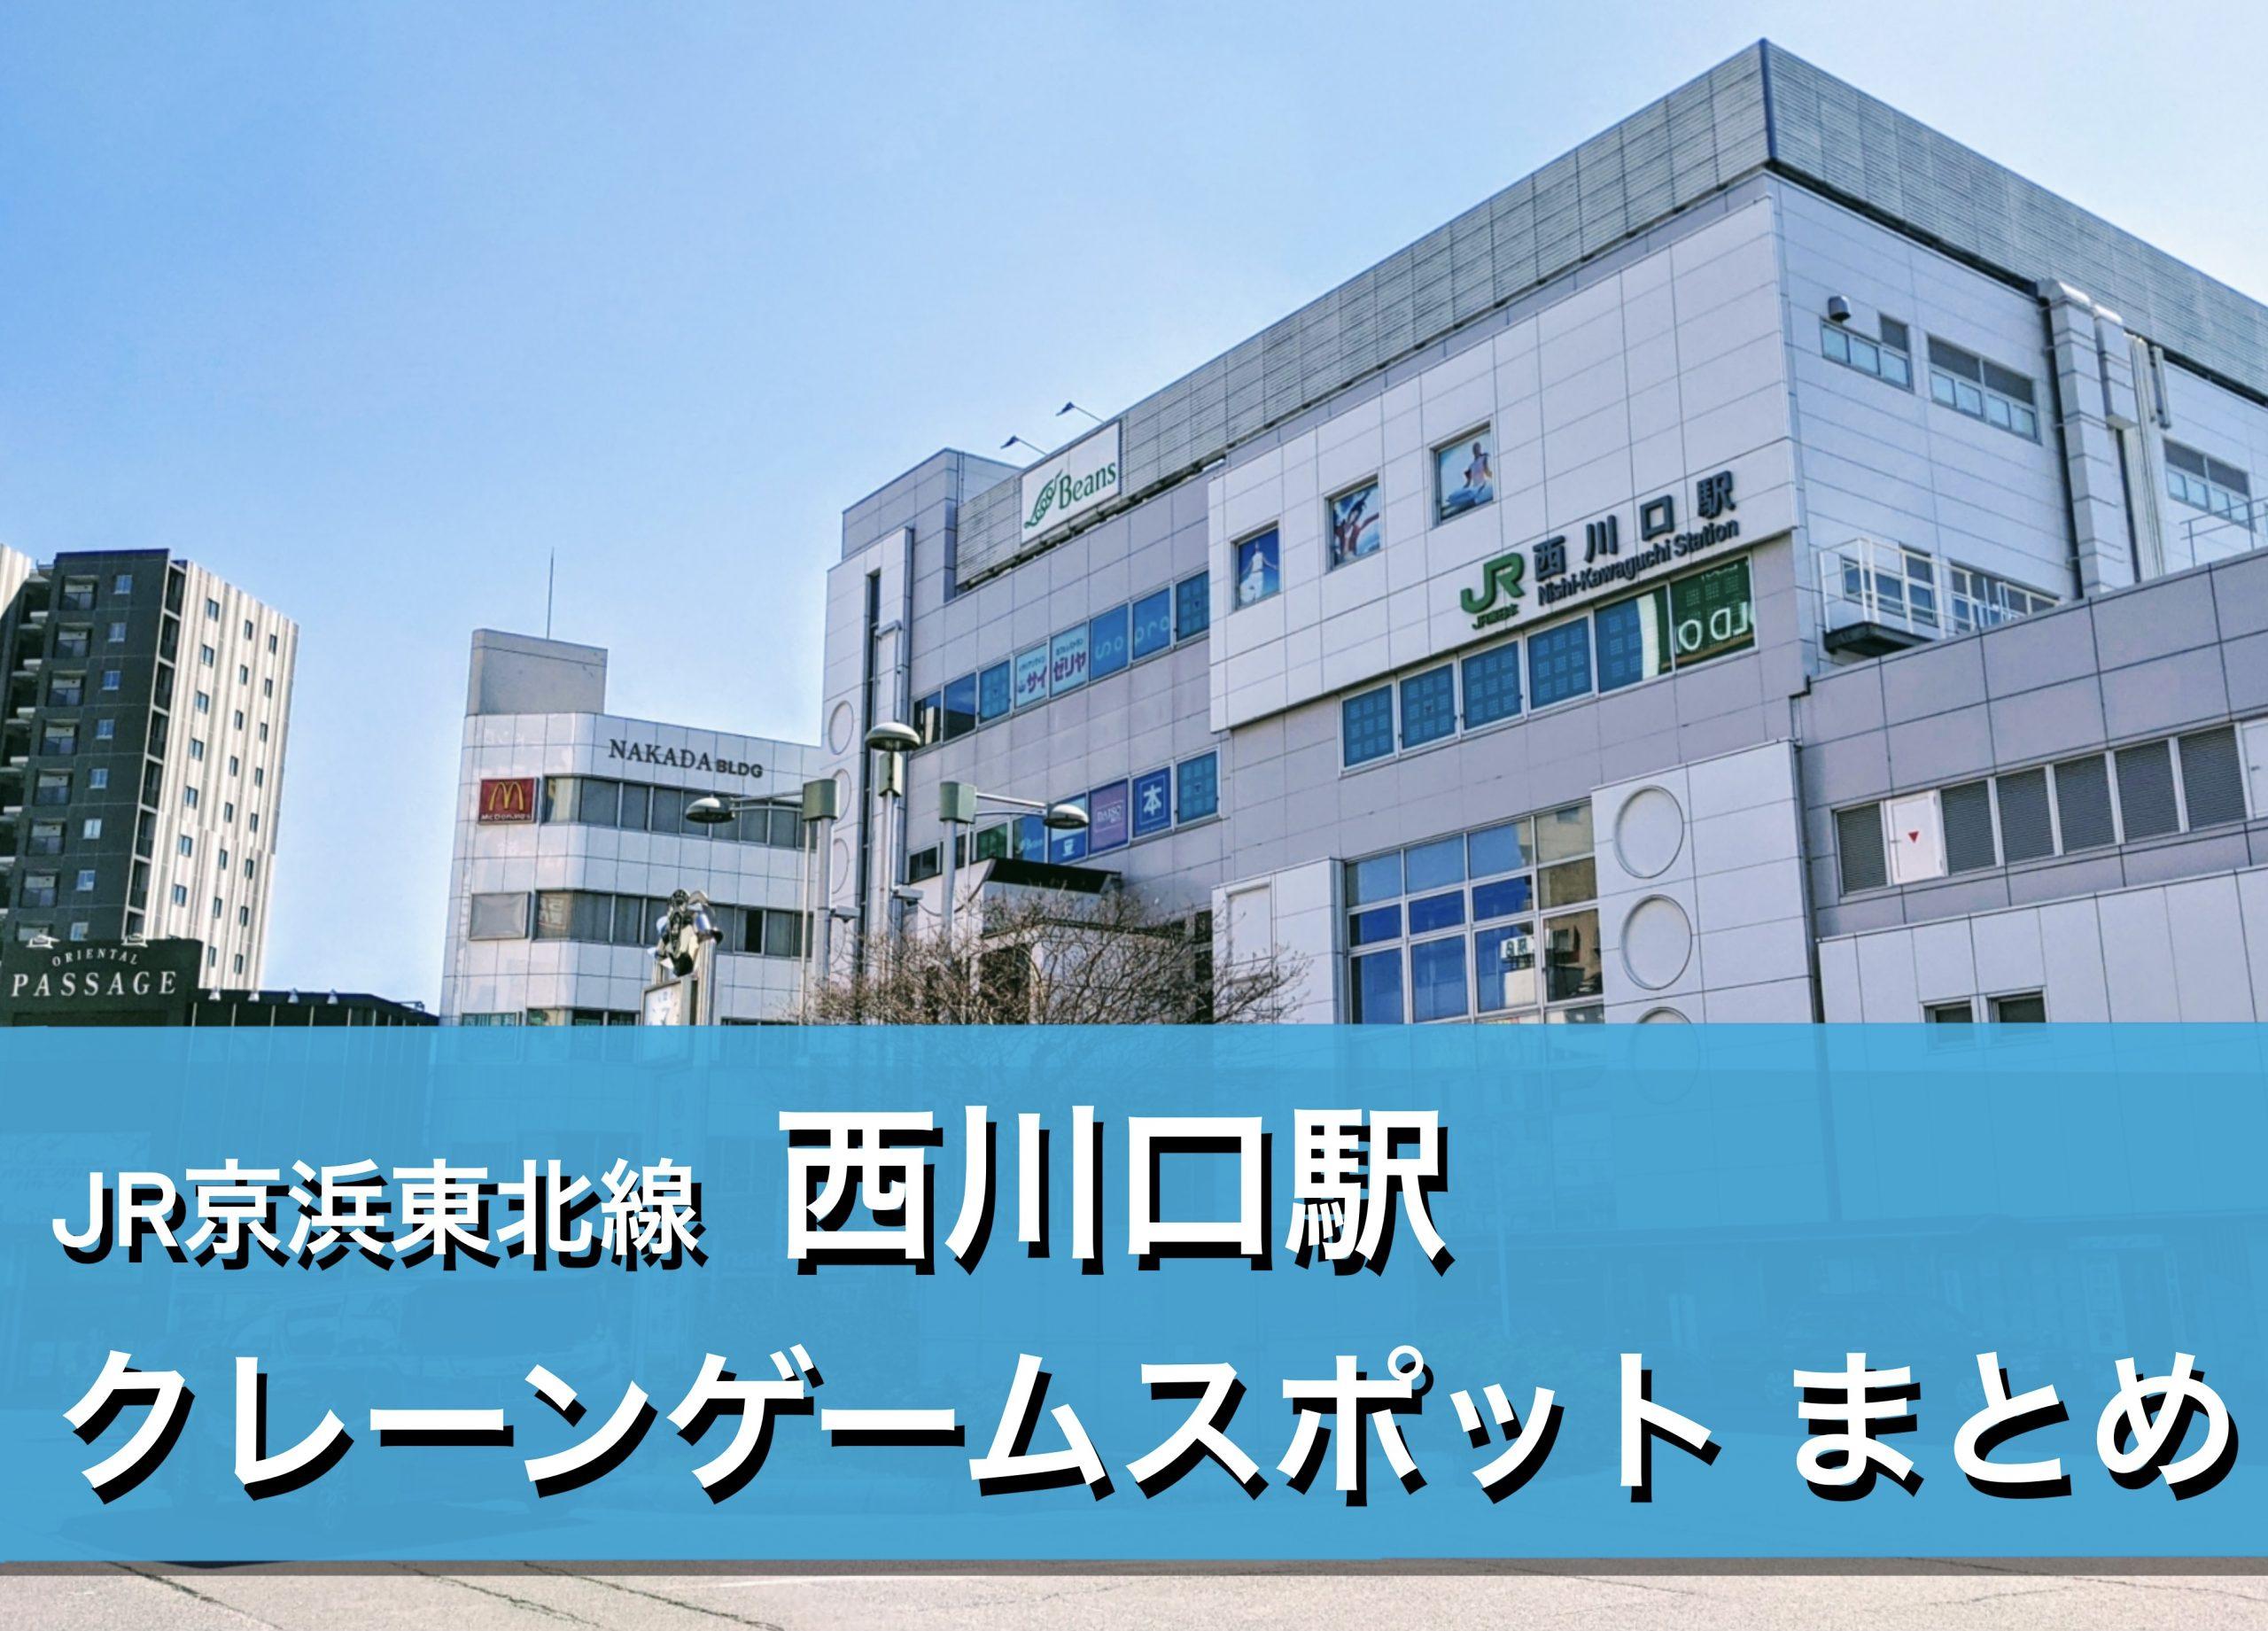 【西川口駅】クレーンゲームができる場所